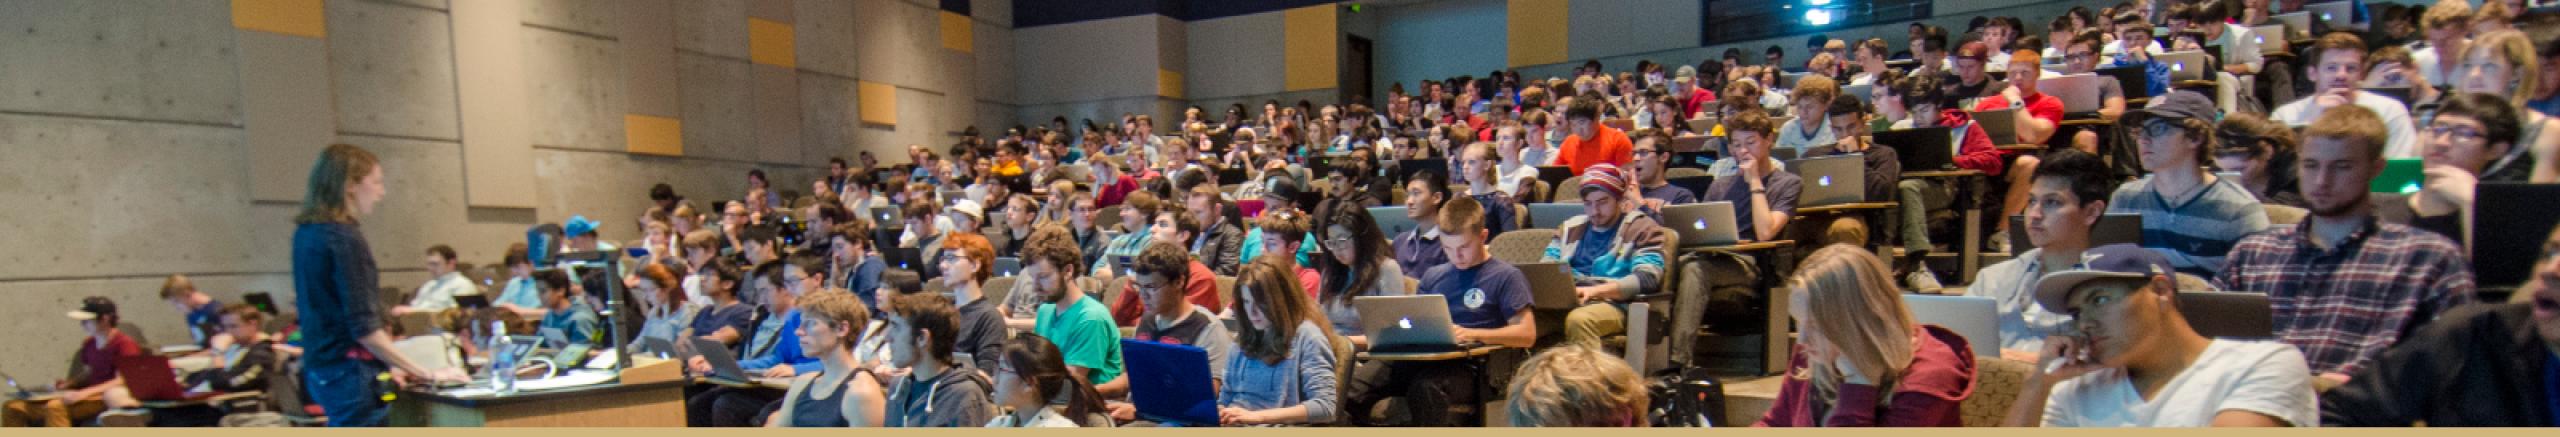 Class lecture at CU Boulder